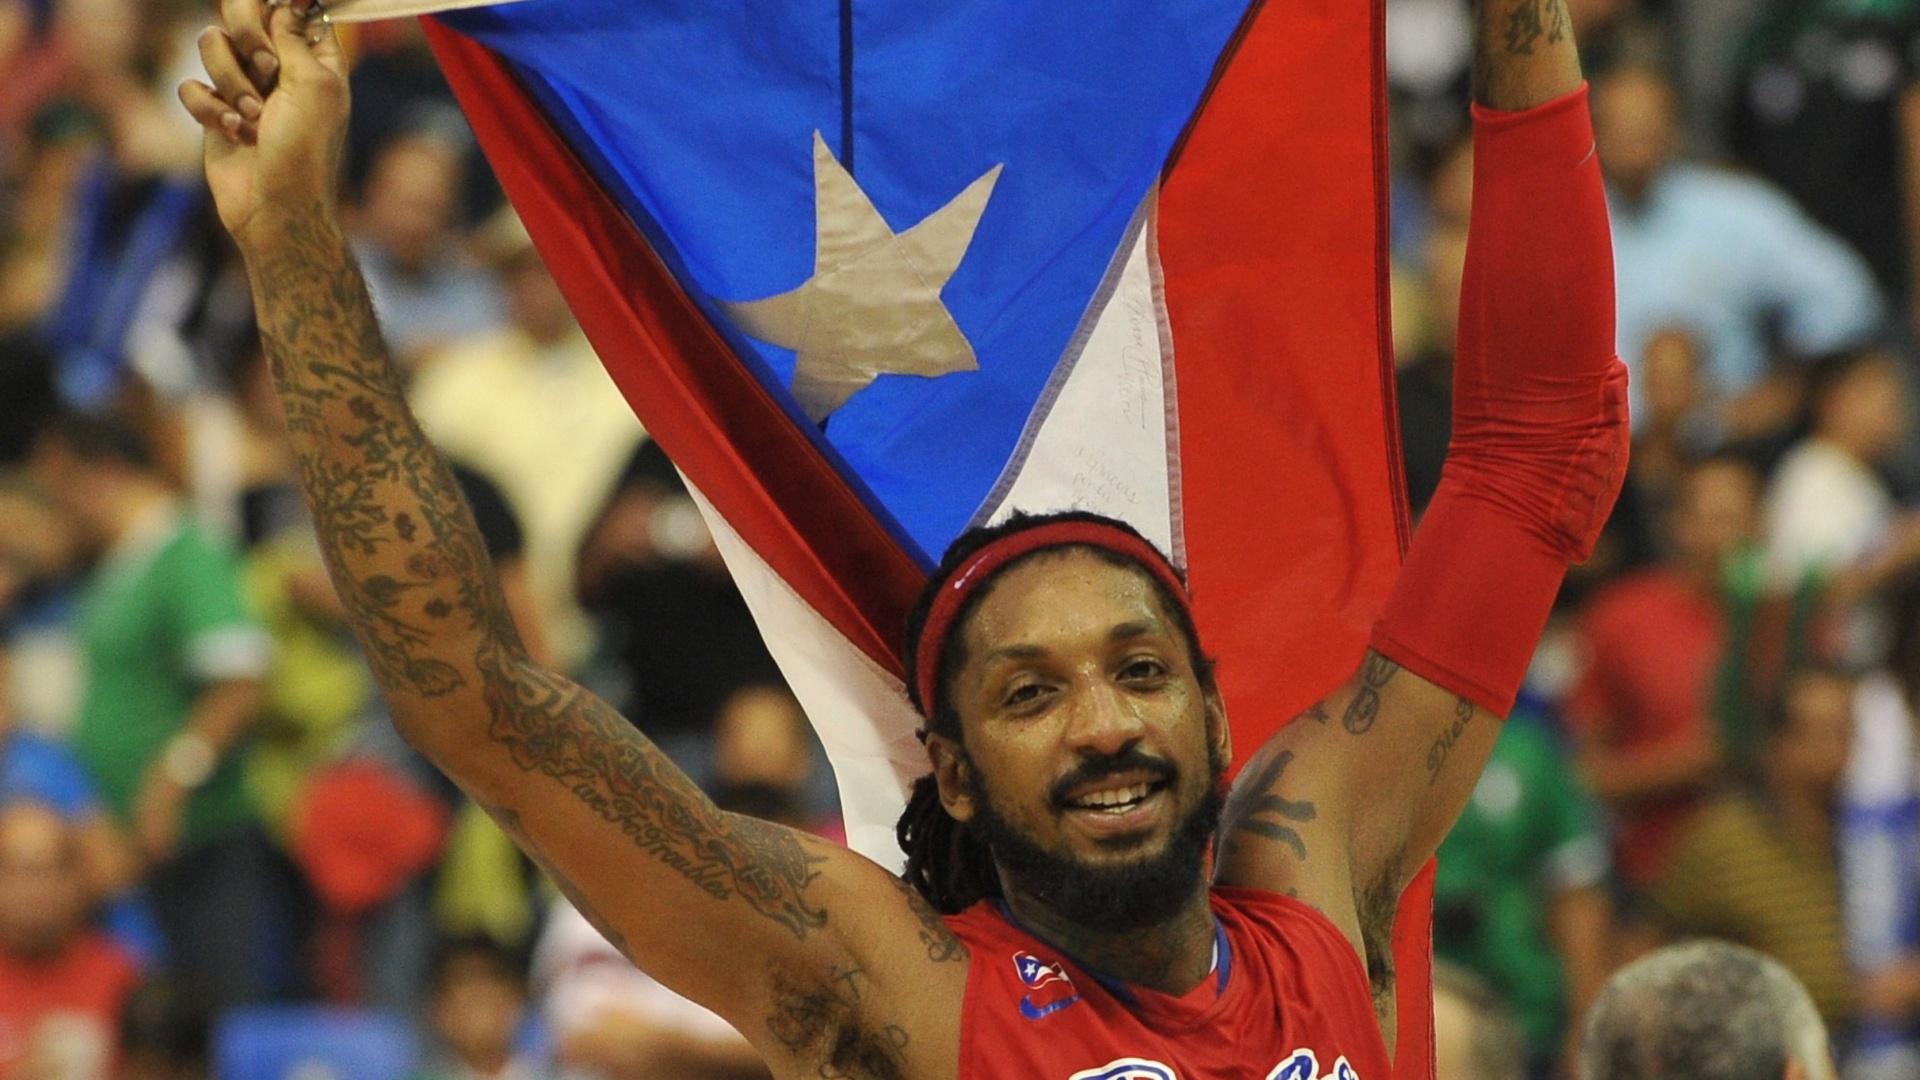 O porto-riquenho Renato Balkman exibe tatuagens durante a comemoração da conquista da medalha de ouro no basquete